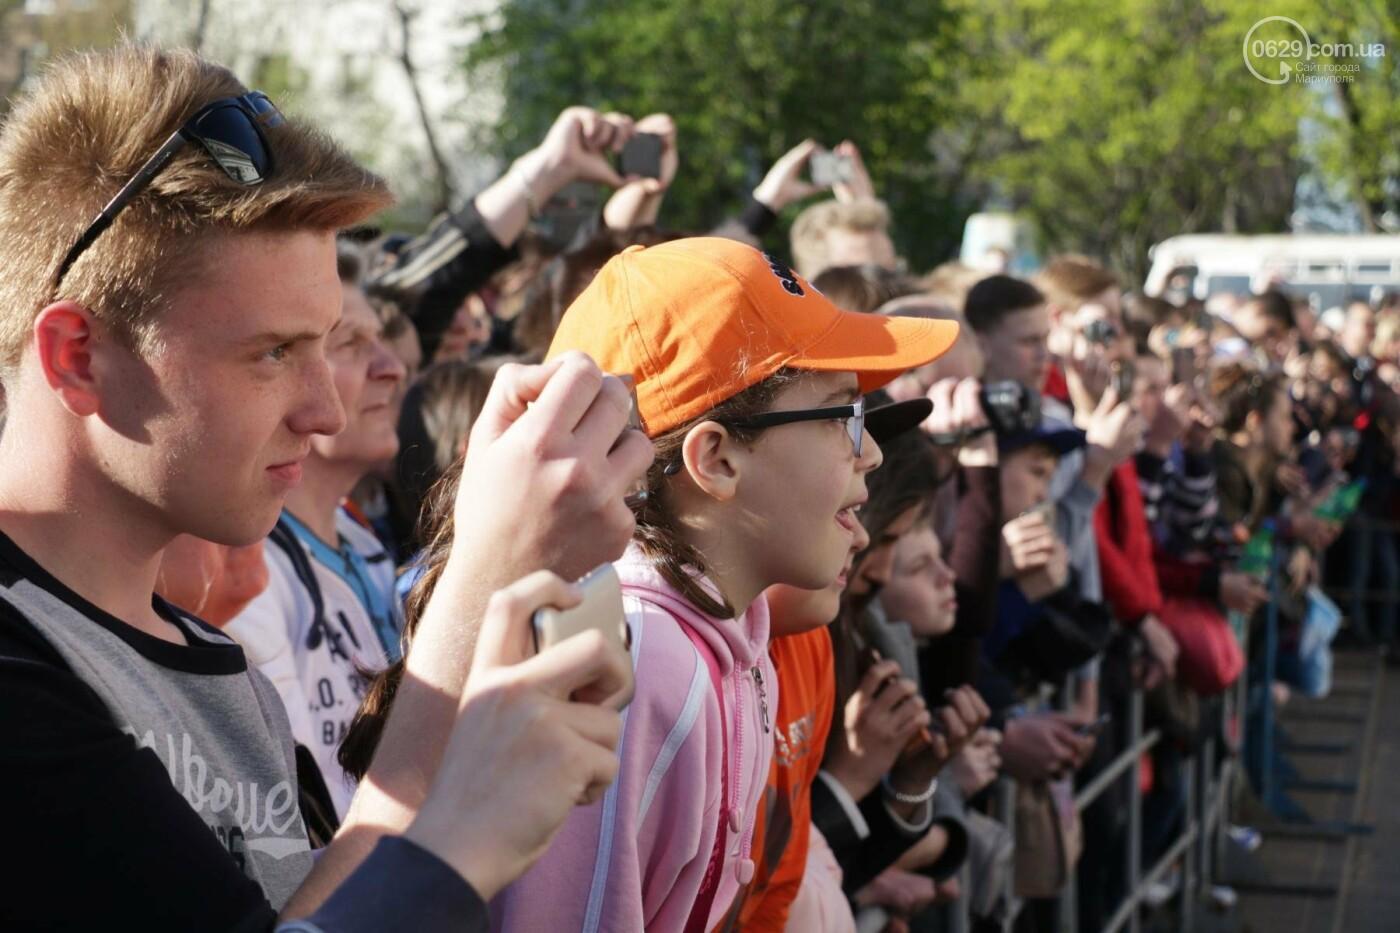 Сотни мариупольцев штурмовали сцену перед драмтеатром ради кубка Лиги чемпионов (ФОТОРЕПОРТАЖ+ВИДЕО), фото-16